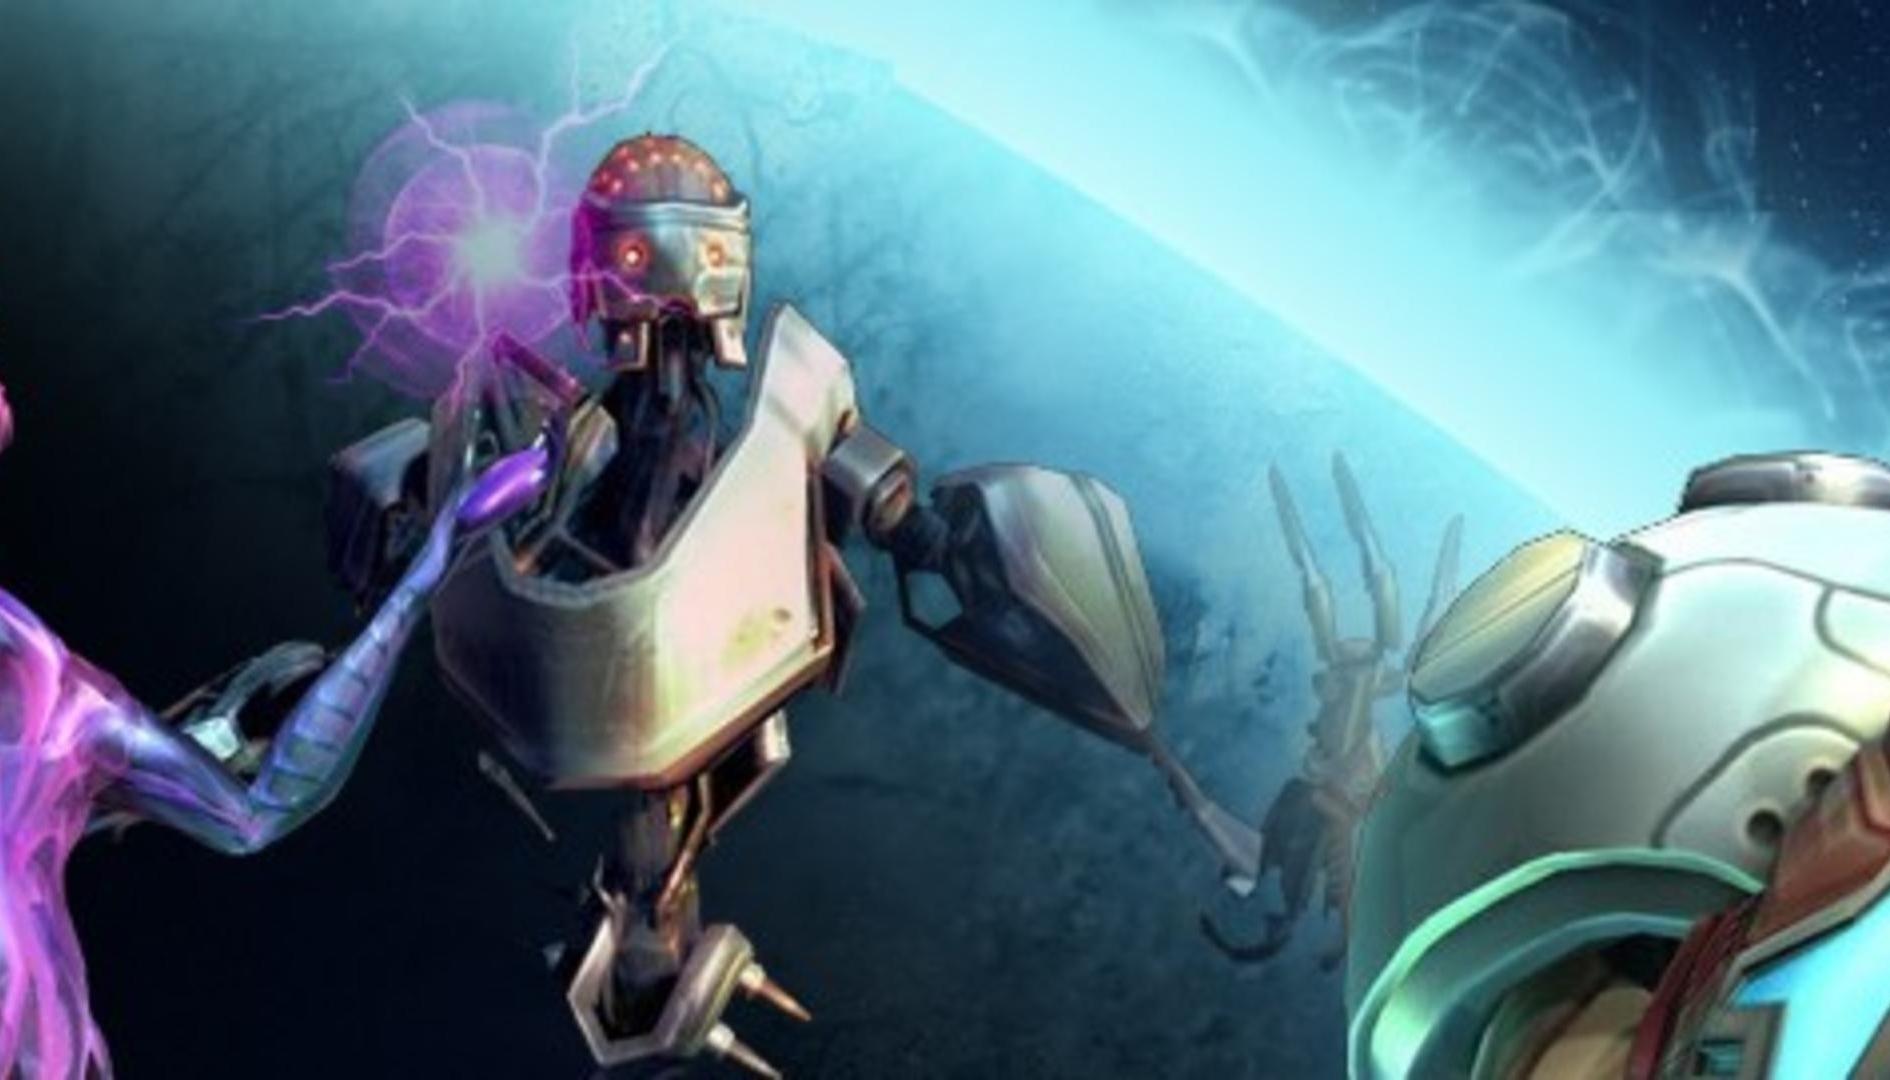 Metroid Prime 4: assunti nuovi veterani dell'industria, lo sviluppo procede?